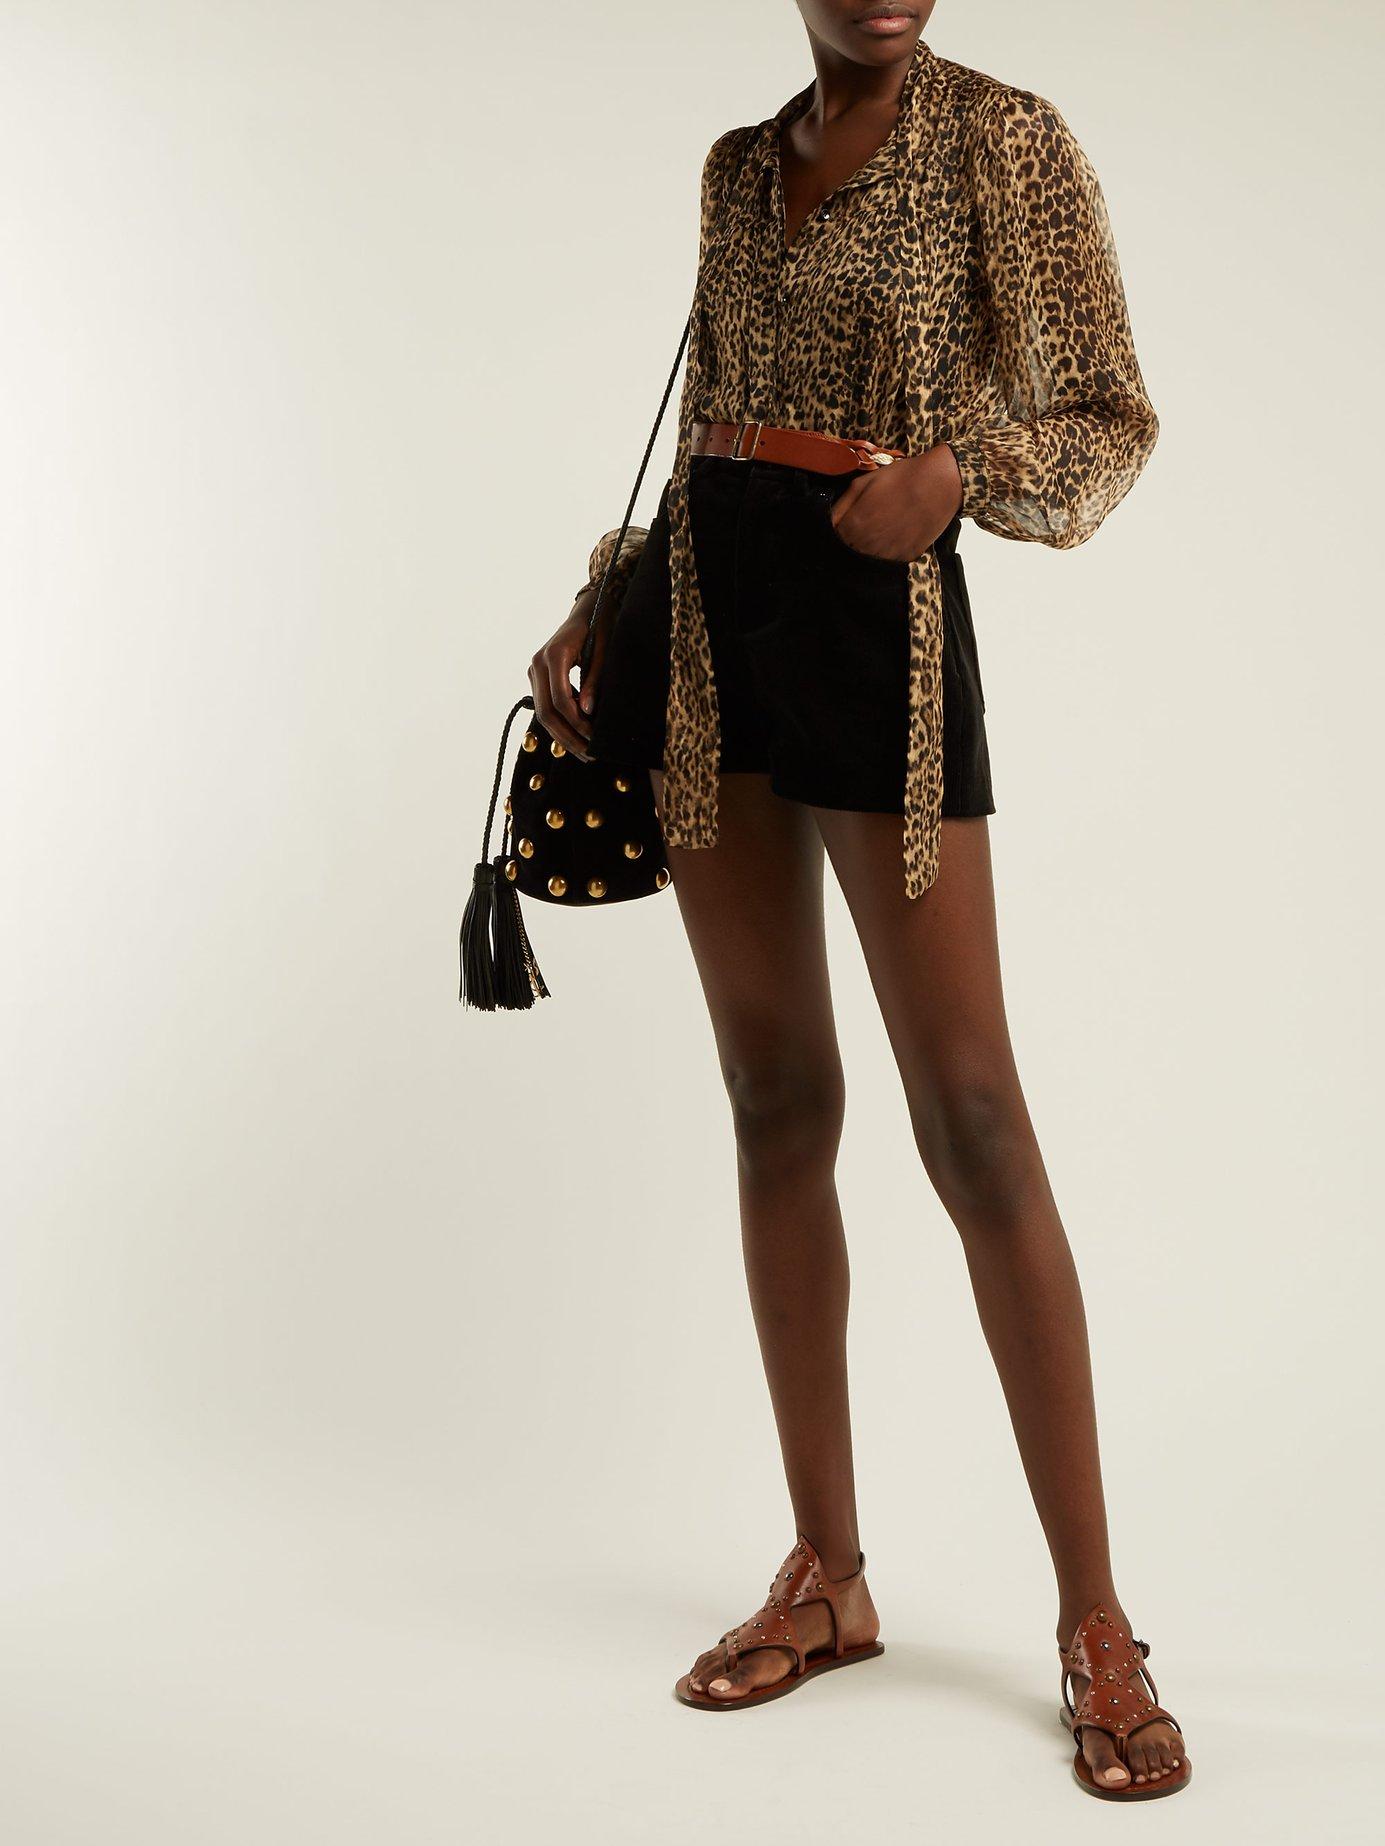 Ella studded leather sandals by Saint Laurent